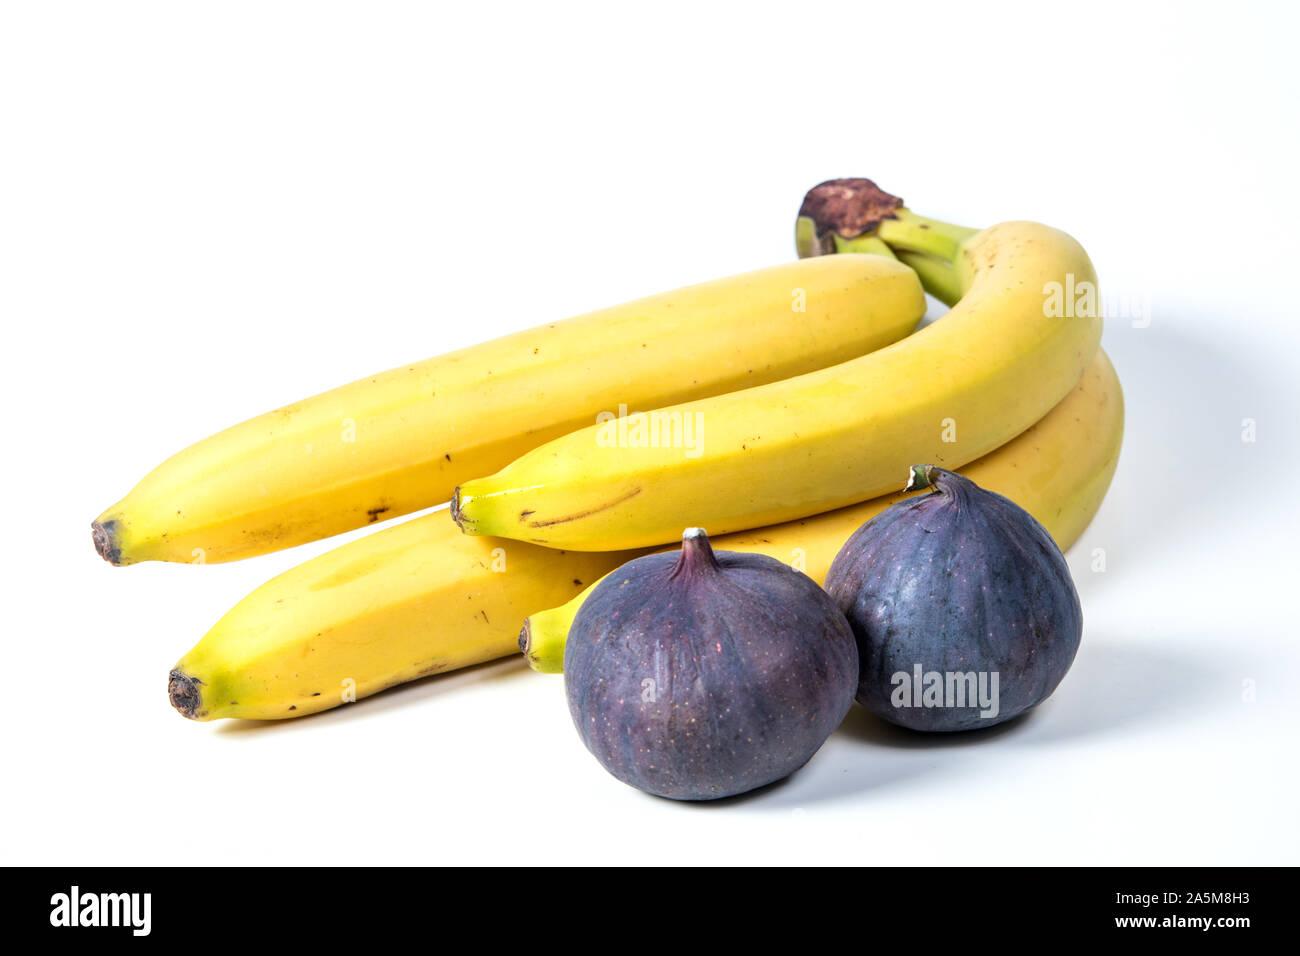 Le figure e le banane, bellissimi frutti, banane, viola figg, close-up, vitamine concetto, cibo vegan, mangiare sano, Foto Stock